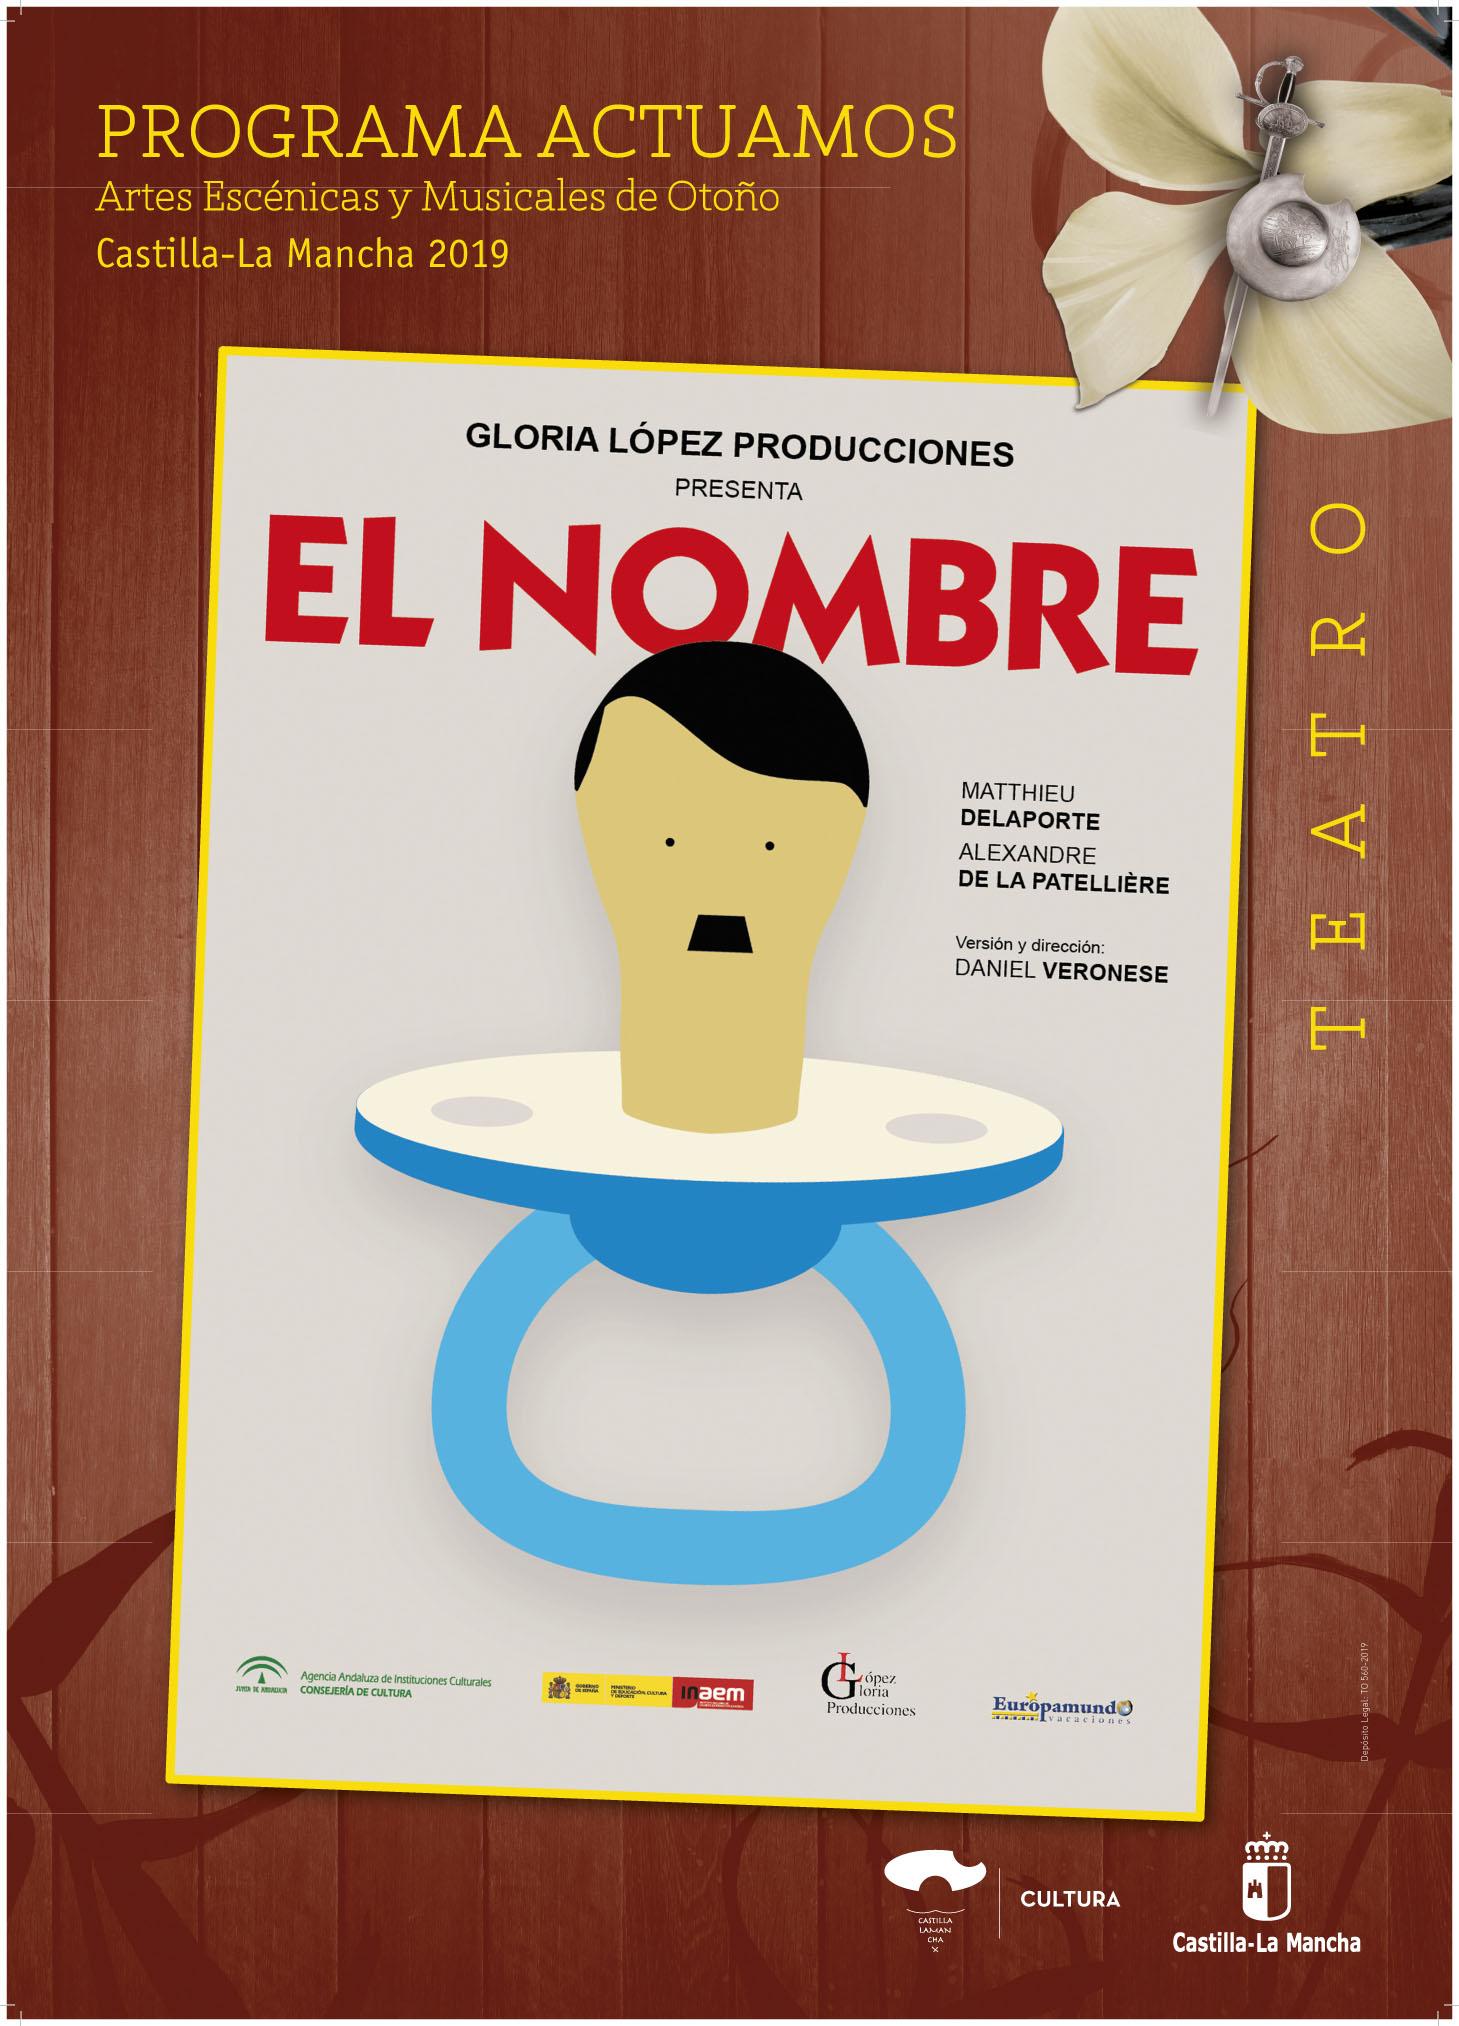 """Imagen de la actividad Programa Actuamos.Artes Escénicas y Musicales de Otoño. Castilla-La Mancha 2019  .""""El Nombre"""". Gloria López Producciones"""